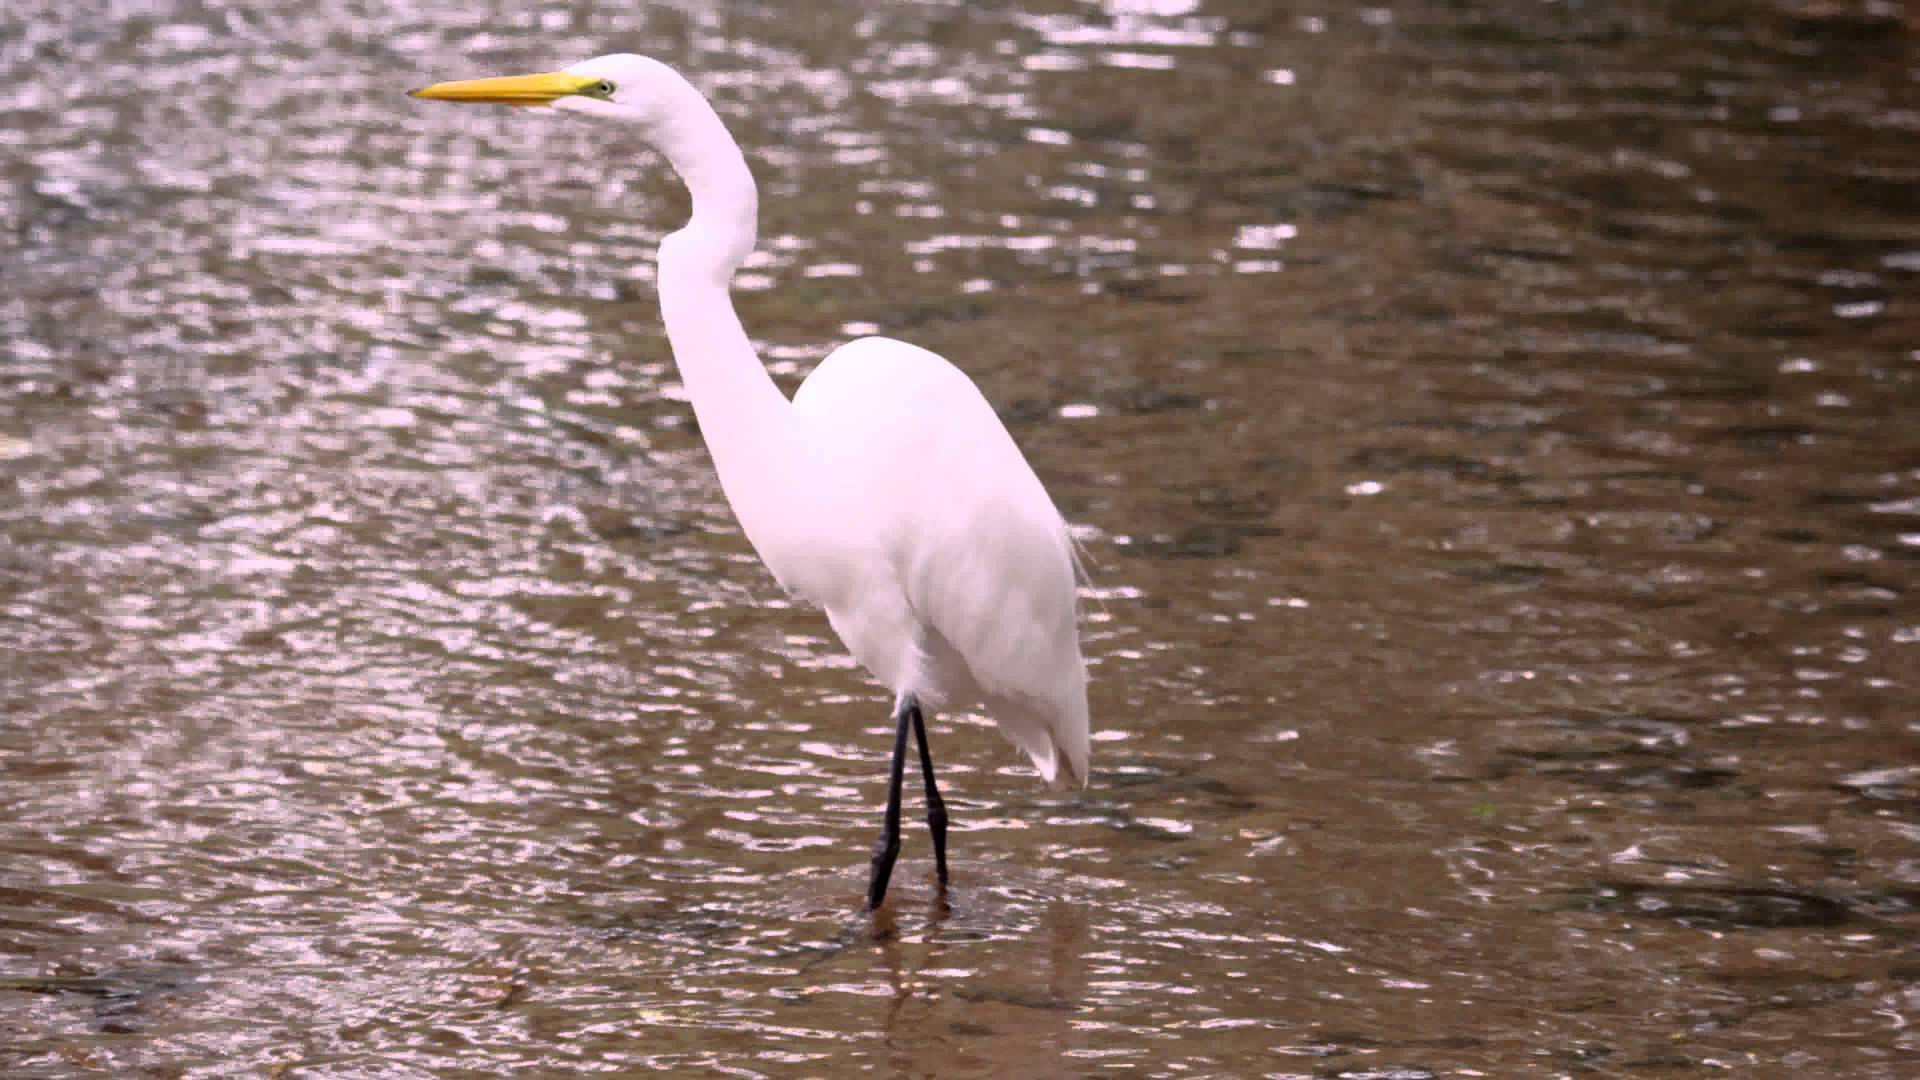 White water bird photo